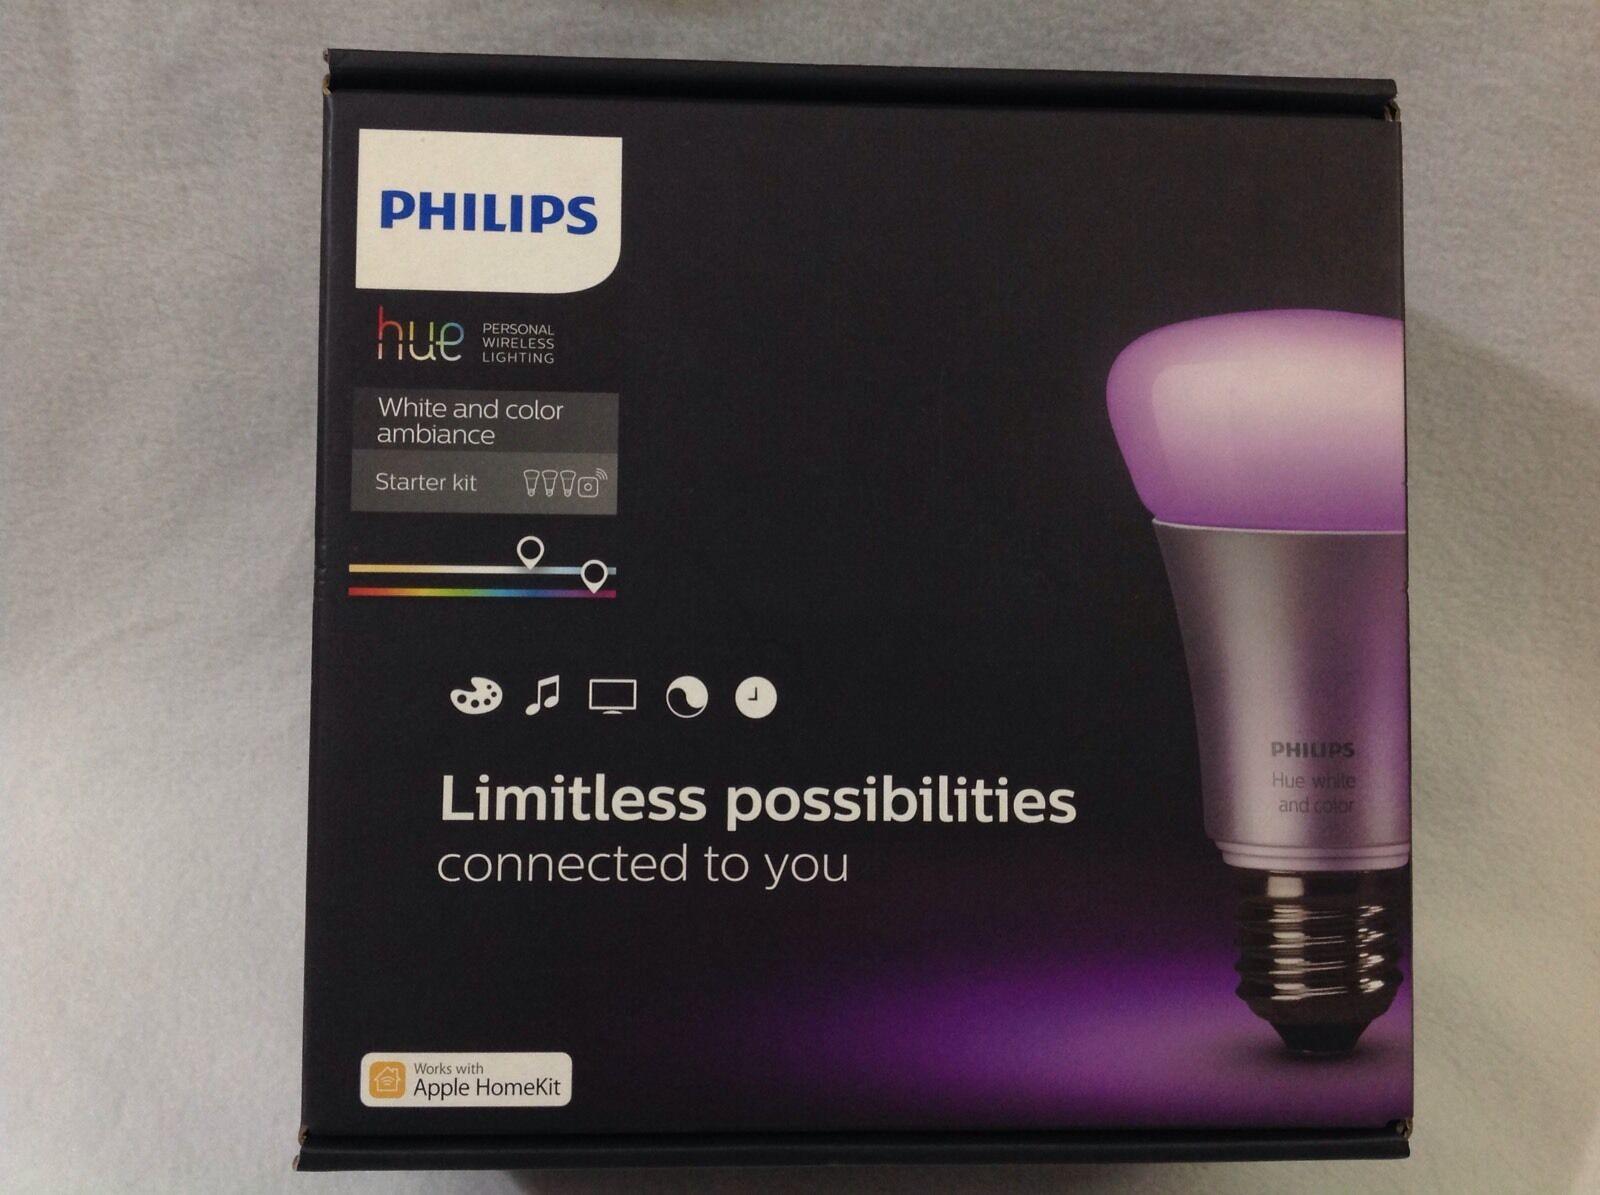 Philips Hue 456194 Color blancoo iluminación personal inalámbricas y Kit de inicio de ambiente